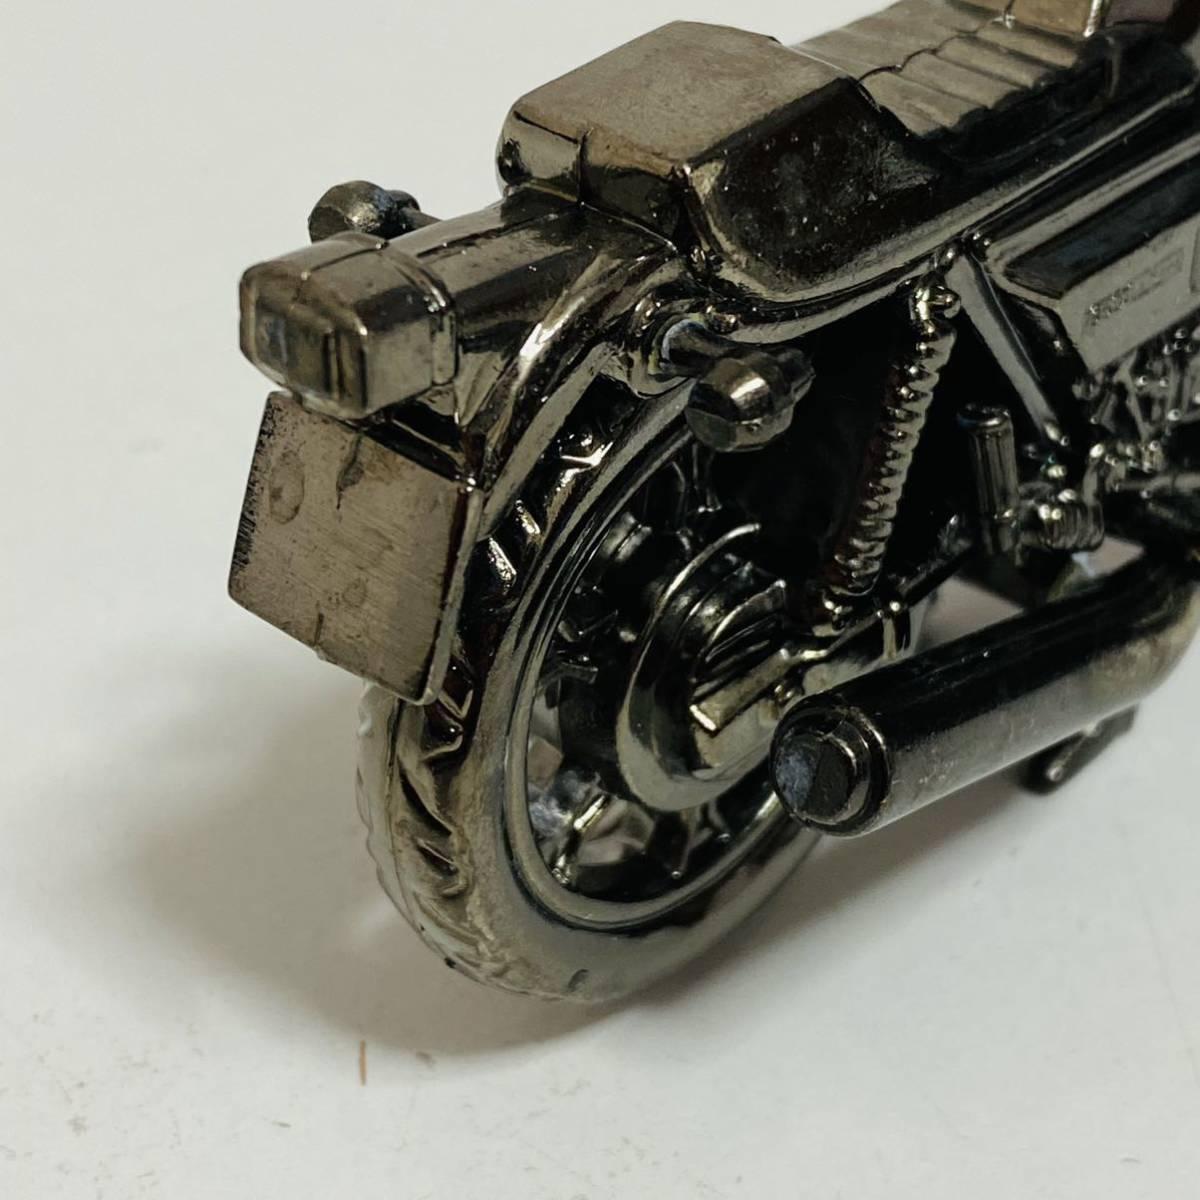 【美品】レッドバロン 世界の名車シリーズ VOL.22 MOTO GUZZI 850 Le Mans オートバイ バイク 希少 レア_画像5